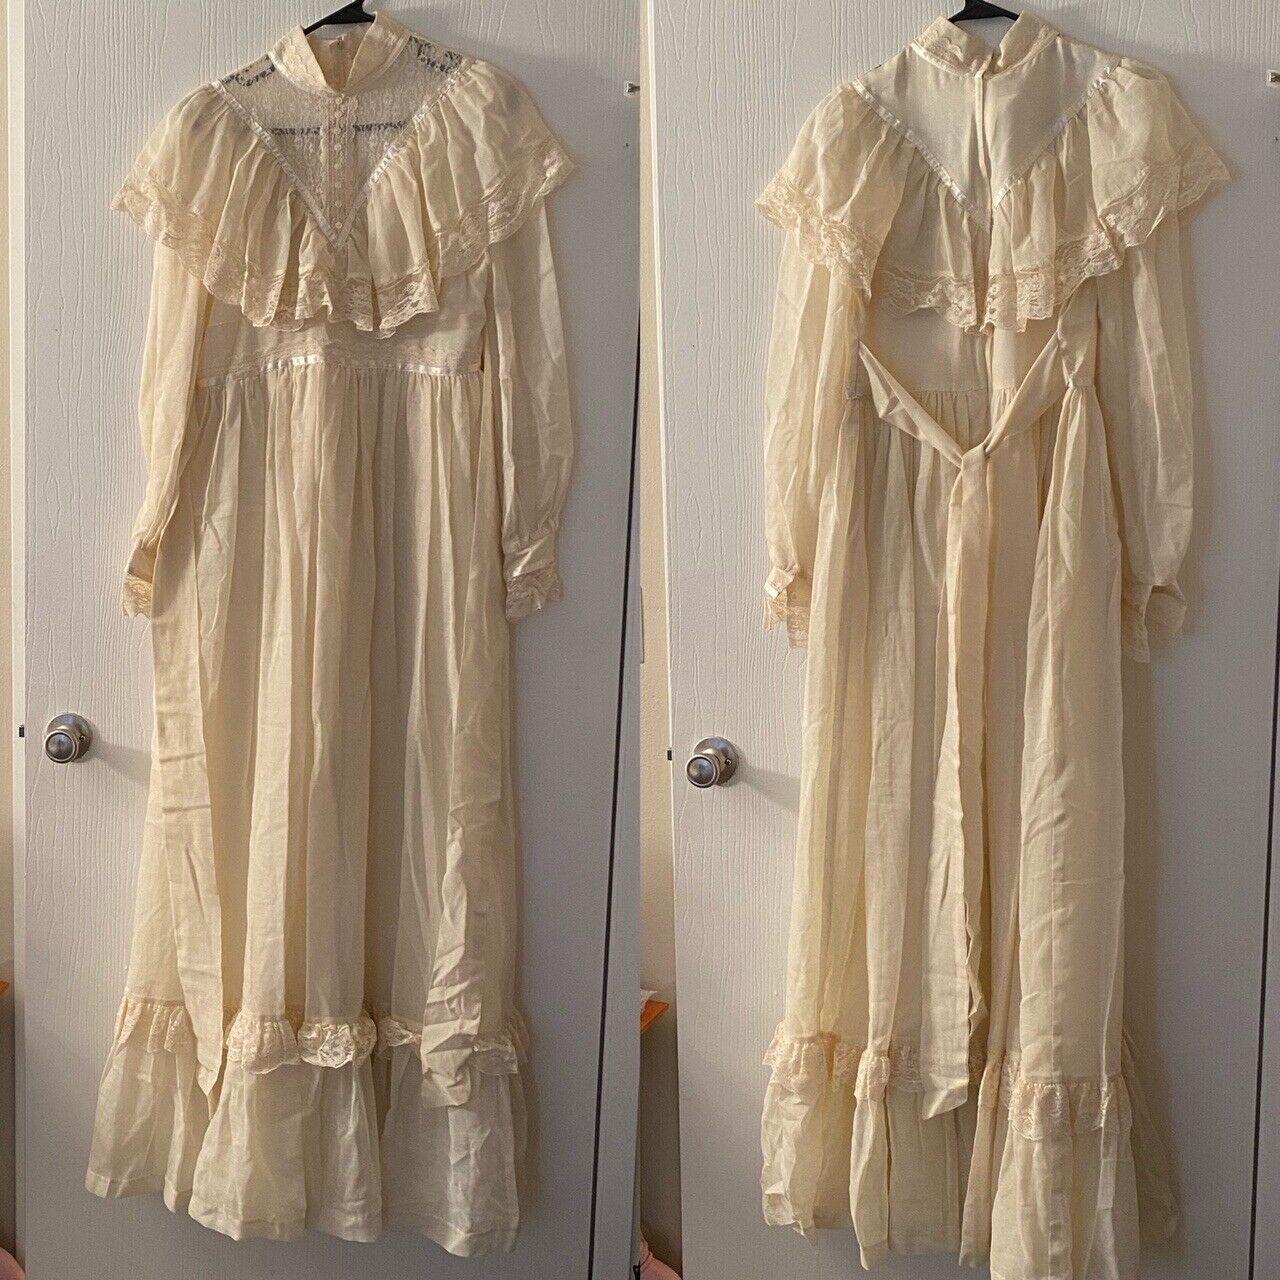 gunne sax dress vintage Size 11 - image 1